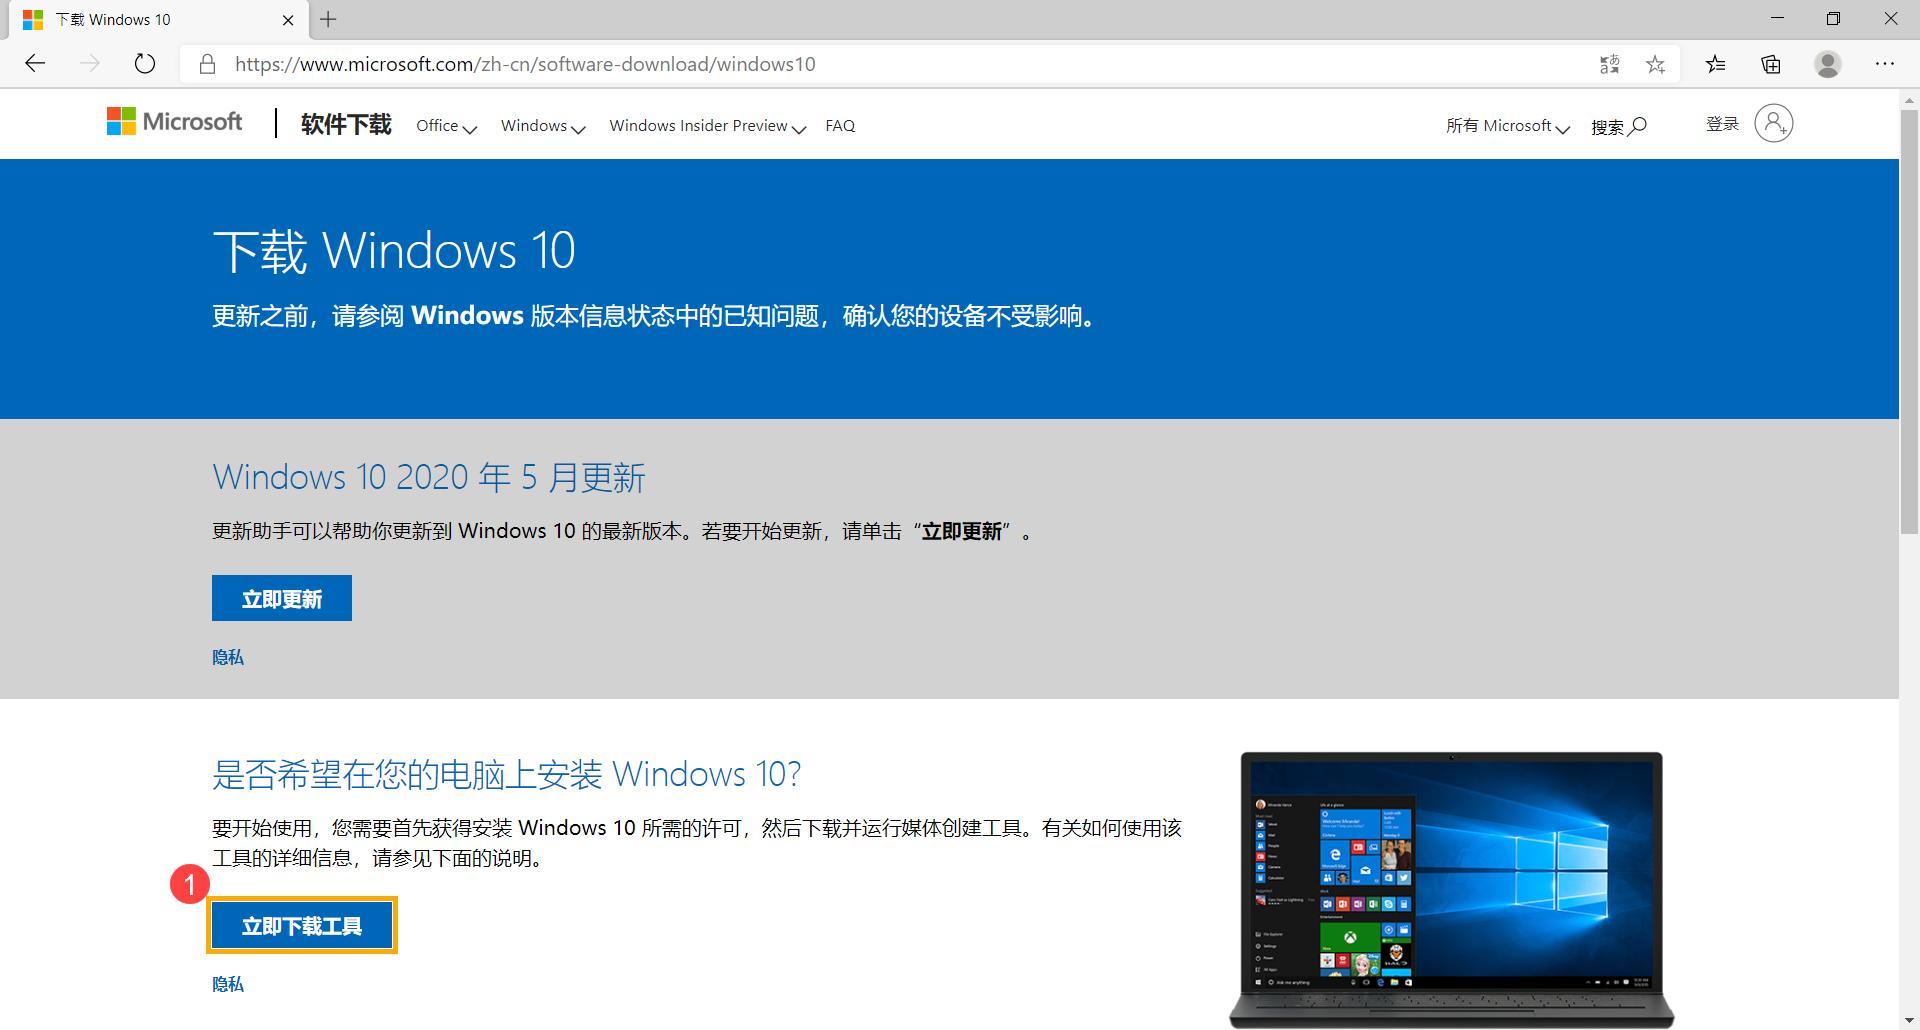 [Windows 10] 如何建立及使用U盘的安装介质重新安装Windows 10